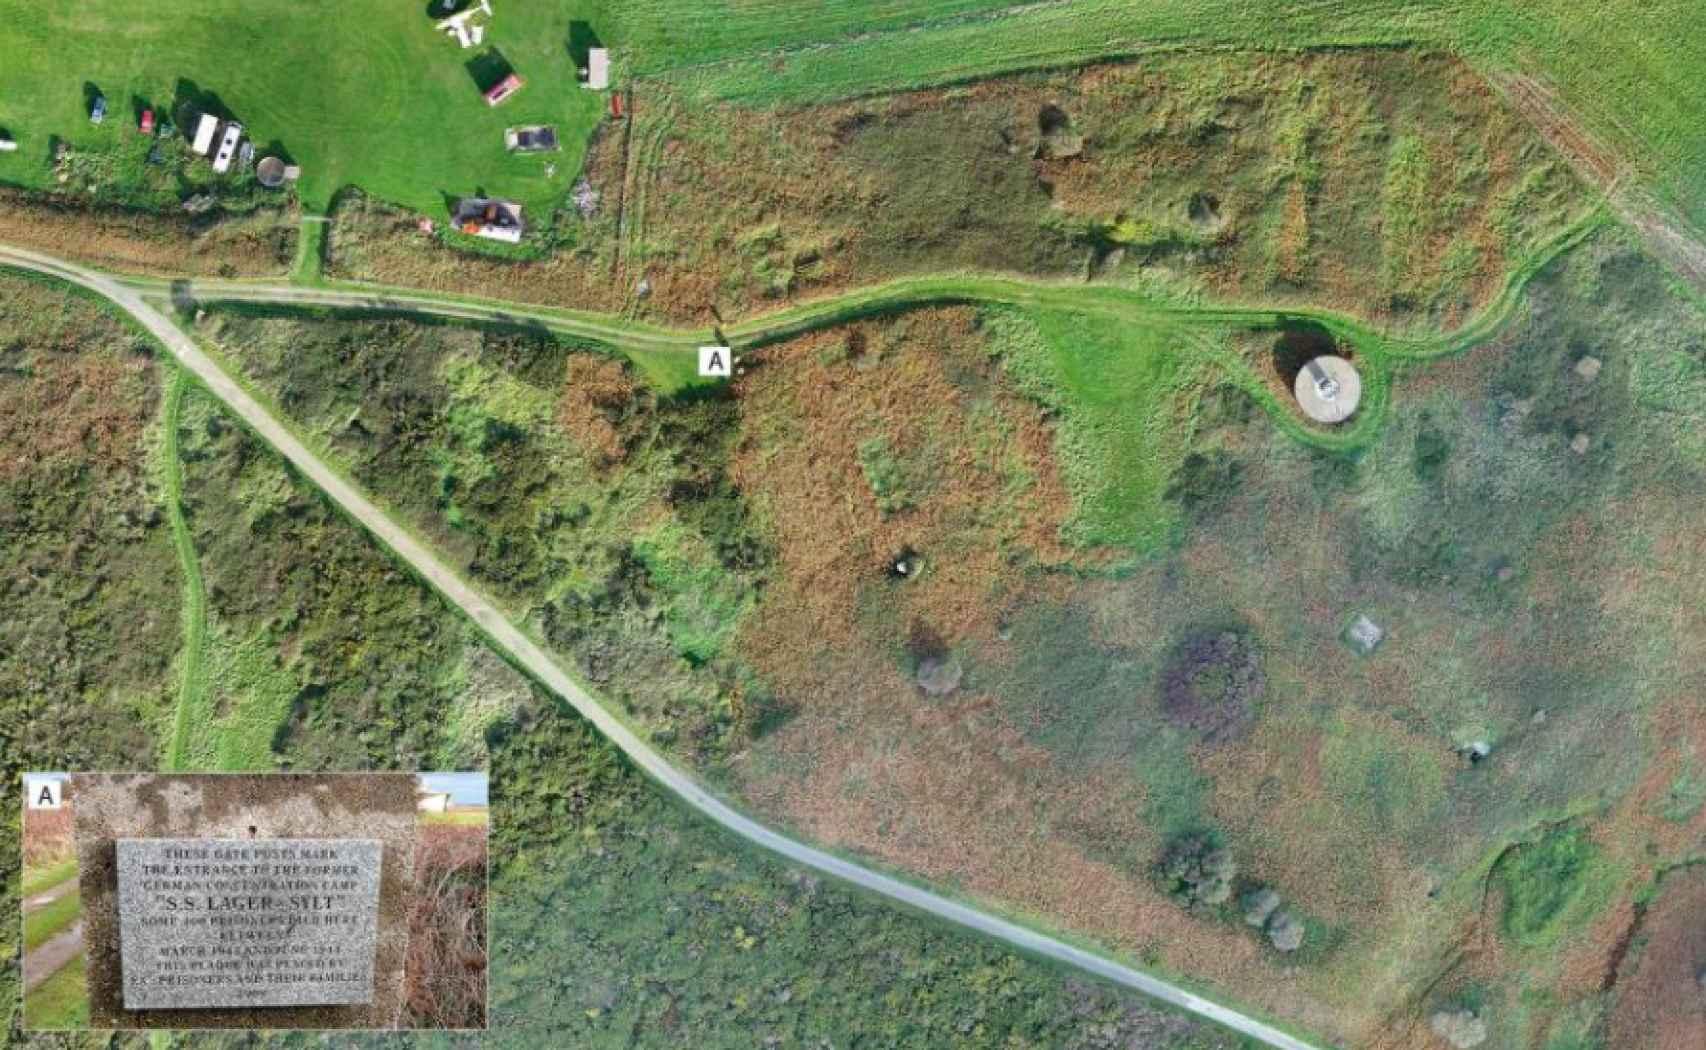 Vista aérea de los vestigios del campo de concentración de Sylt.